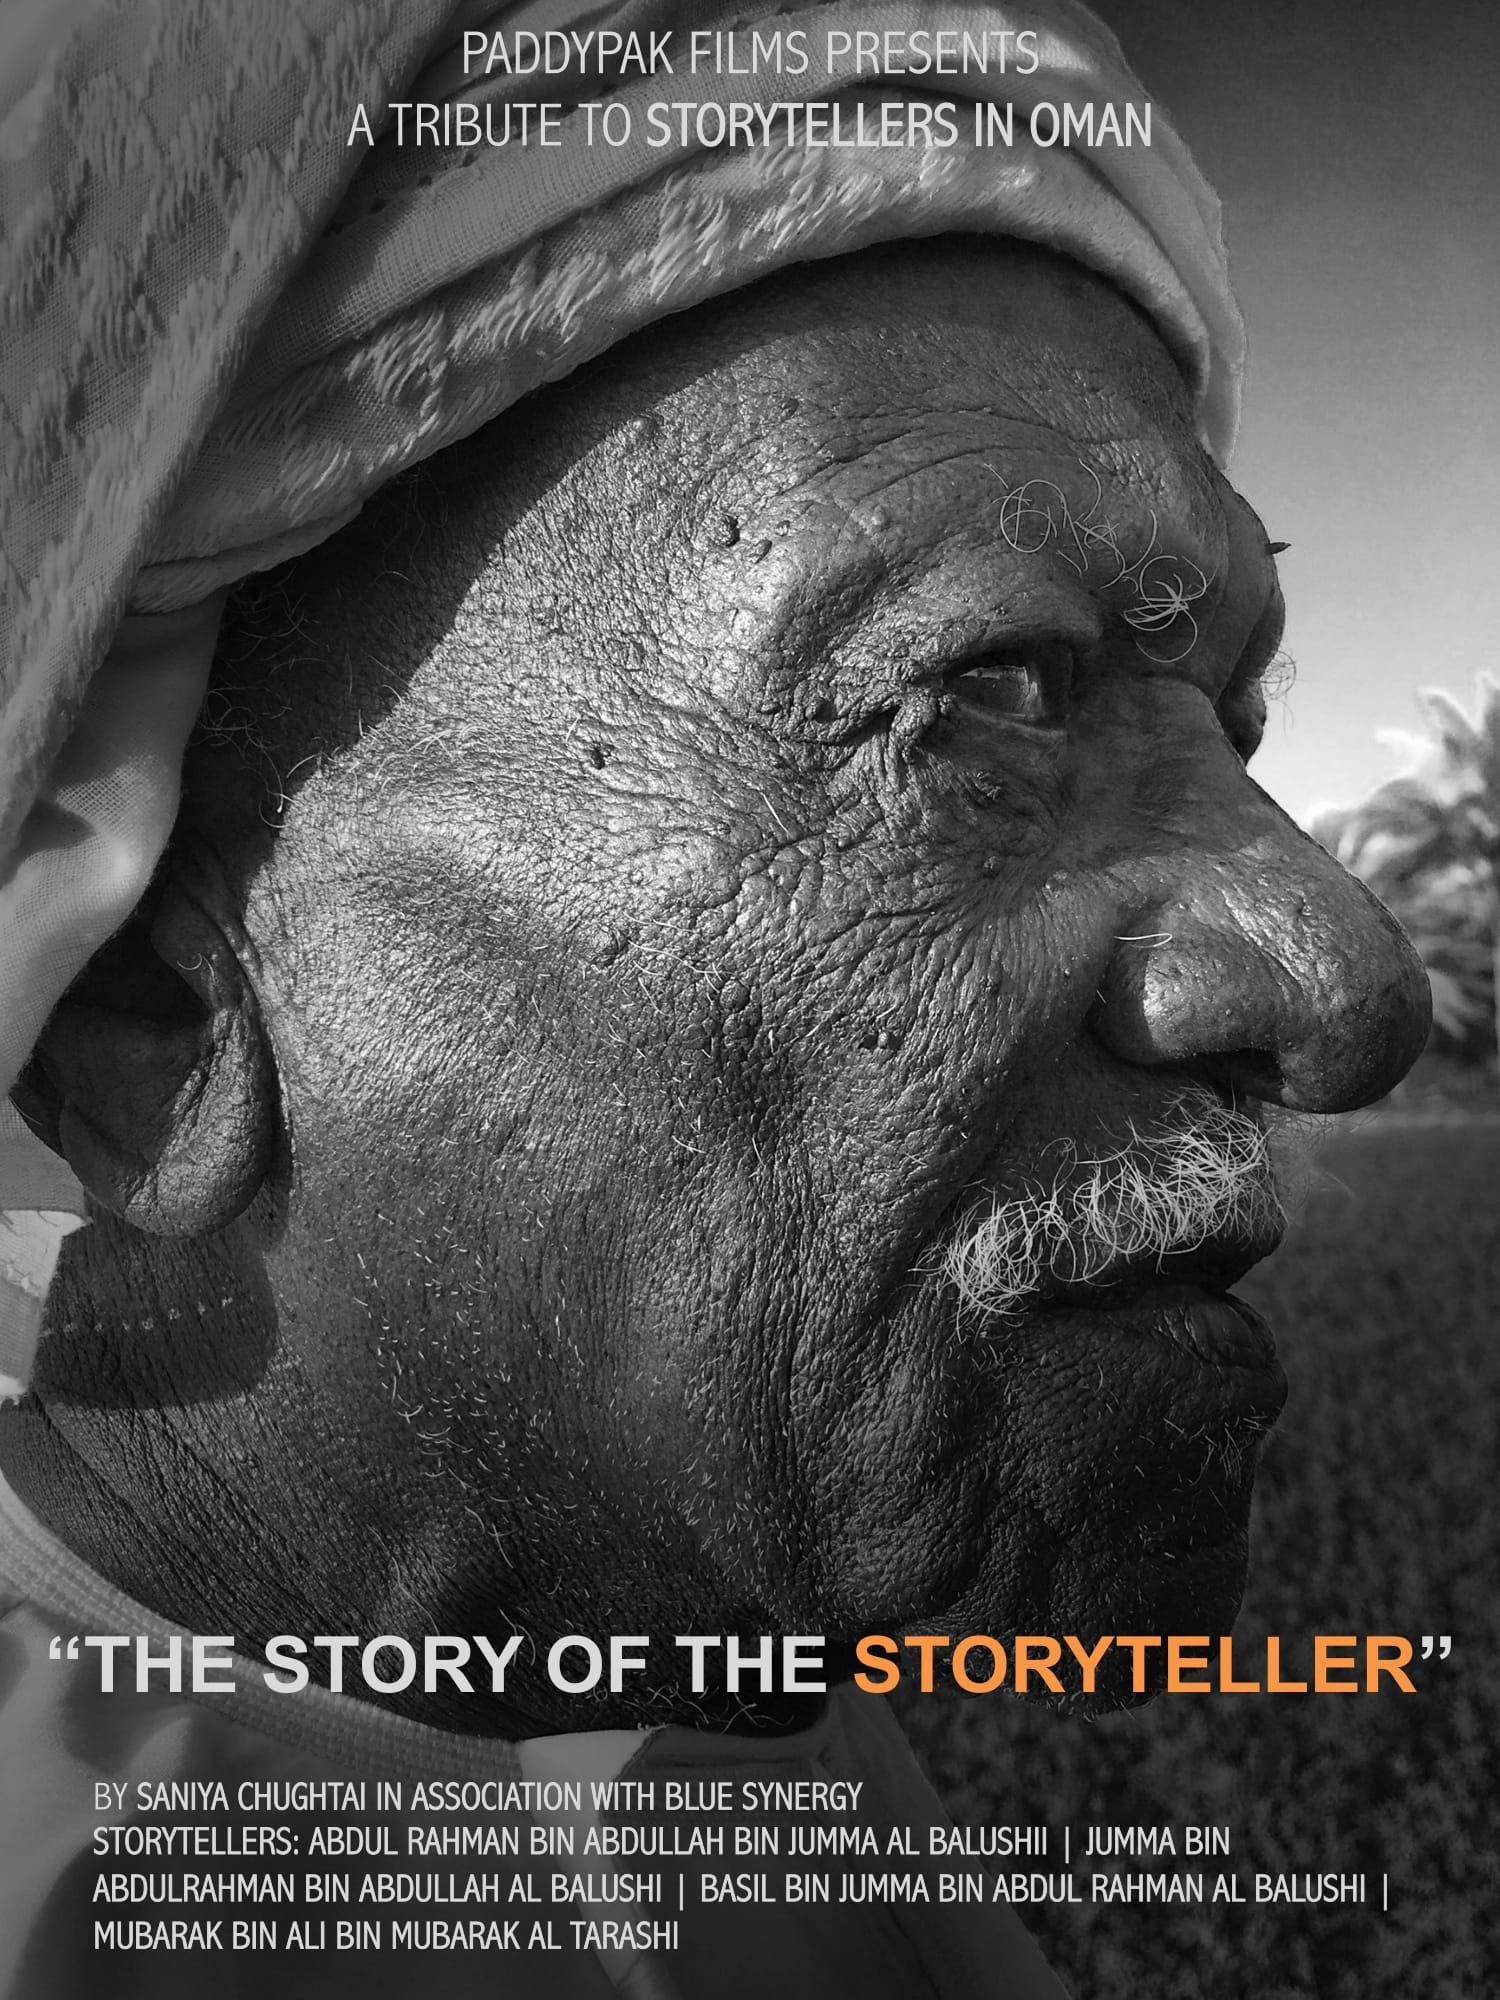 The Story of the Storyteller-